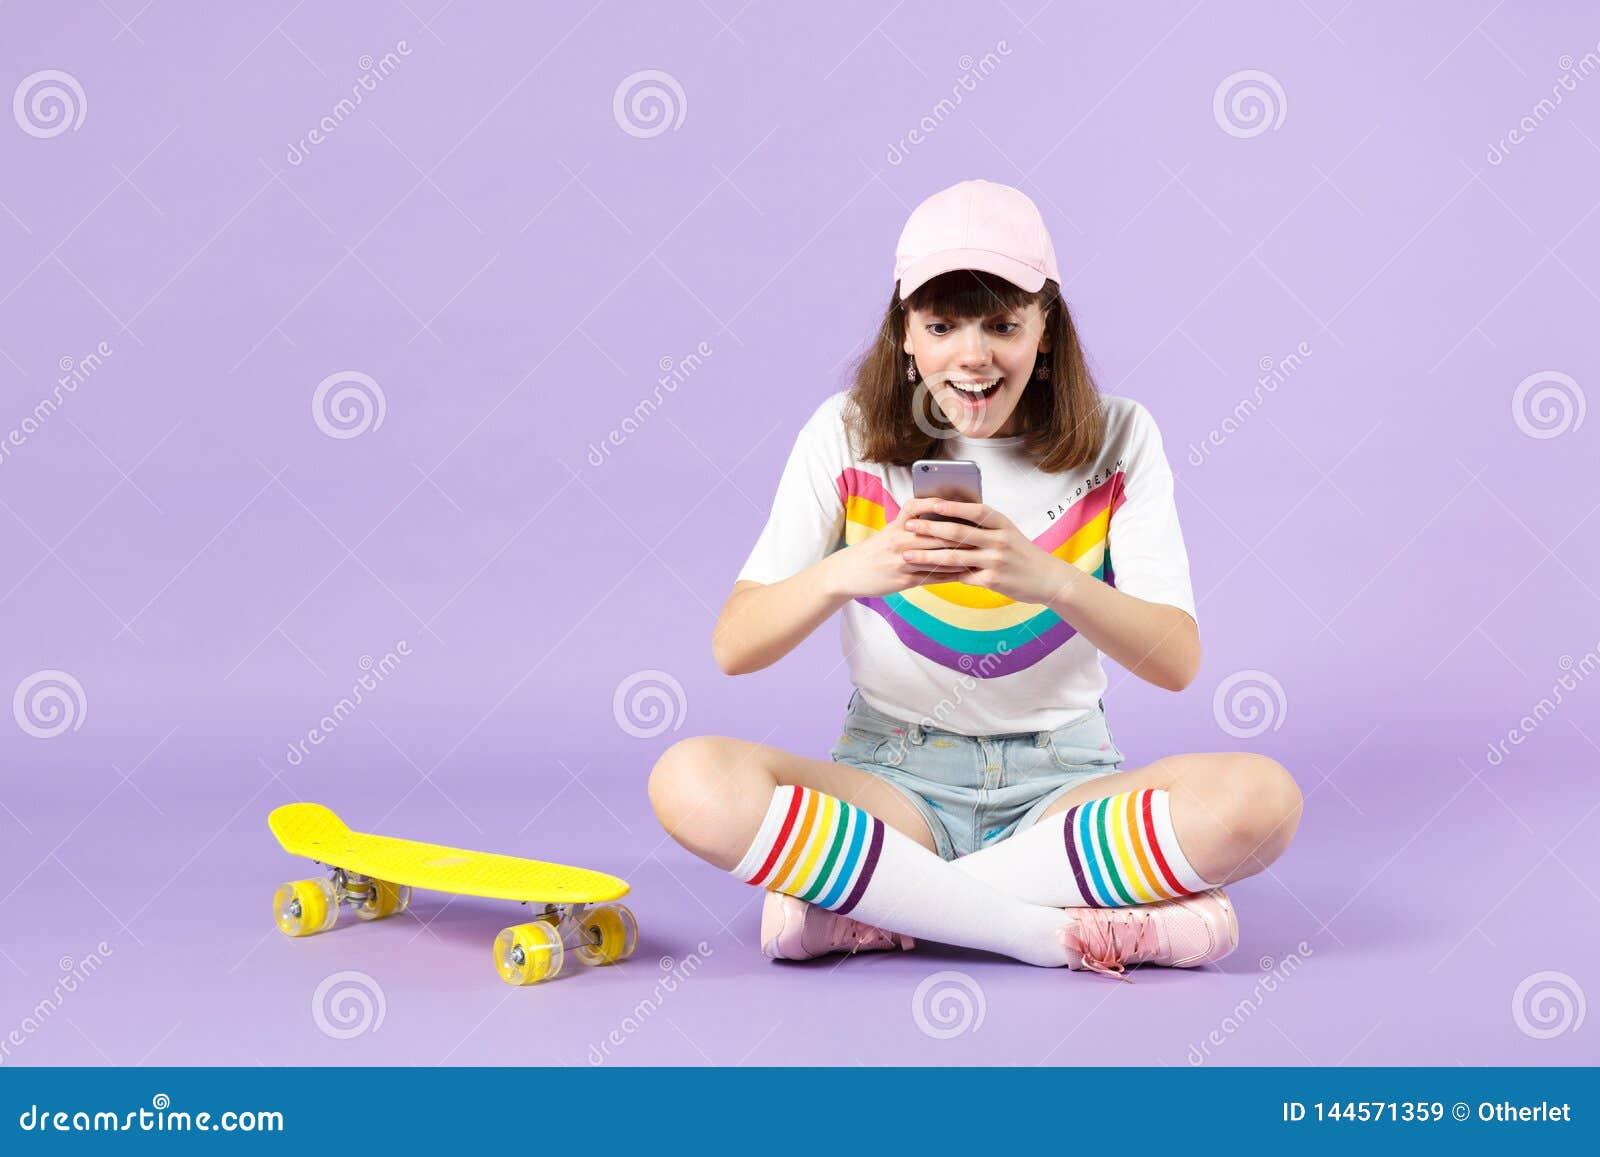 Έκπληκτο κορίτσι εφήβων στα ζωηρά ενδύματα που κάθεται κοντά skateboard που χρησιμοποιεί το κινητό μήνυμα τηλεφωνικής δακτυλογράφ